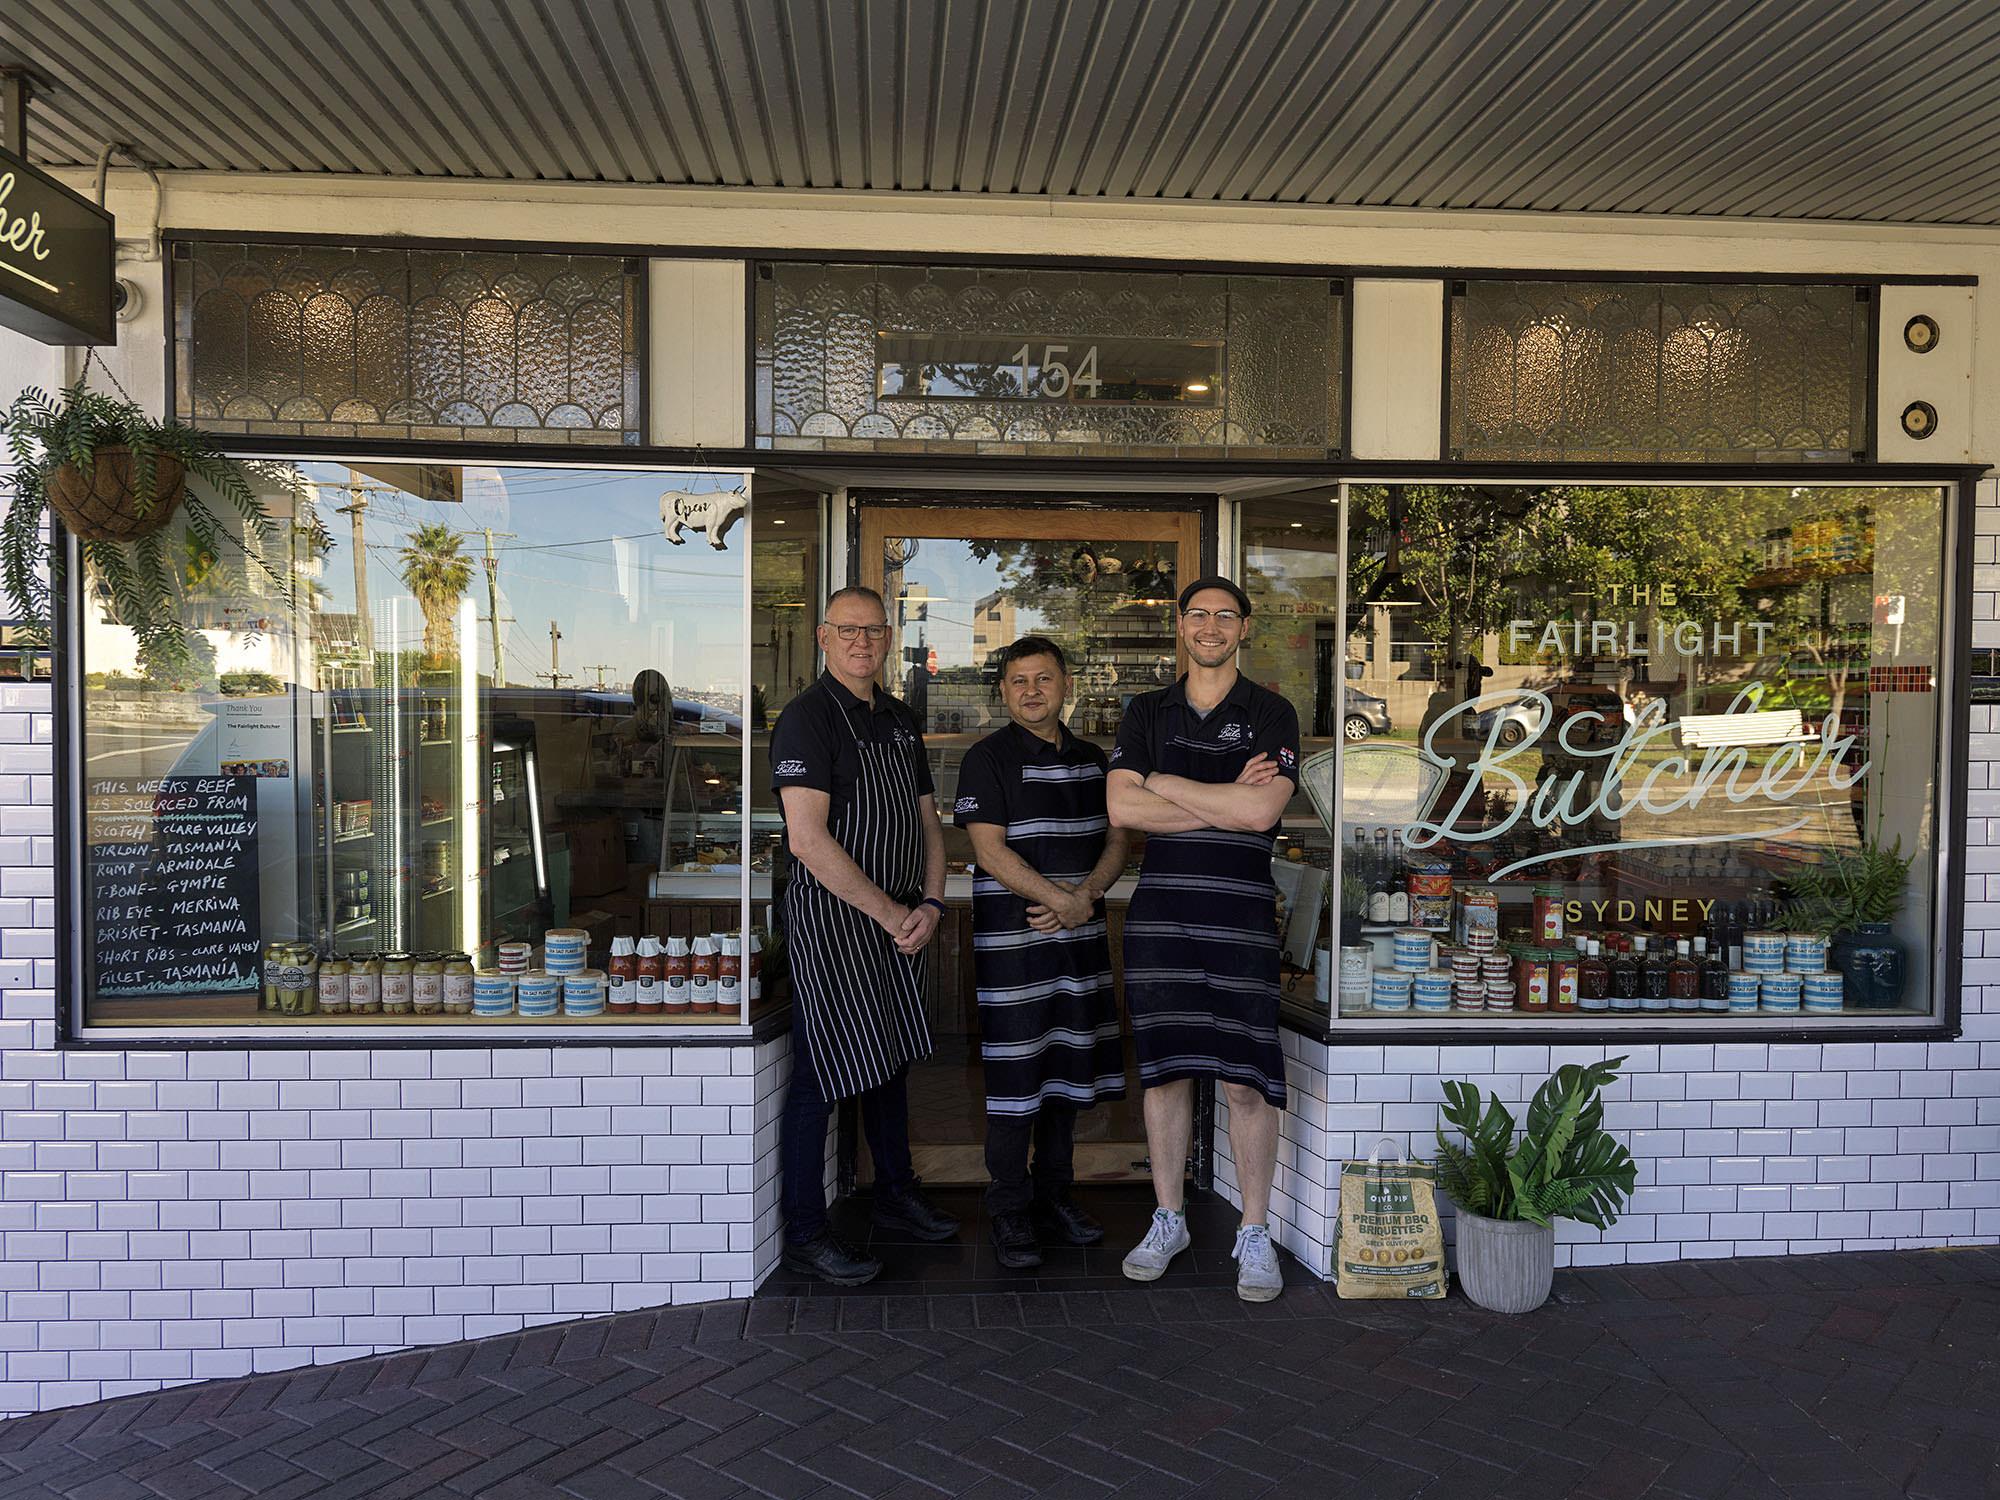 The Fairlight Butcher team outside the shop on Sydney Rd in Fairlight.